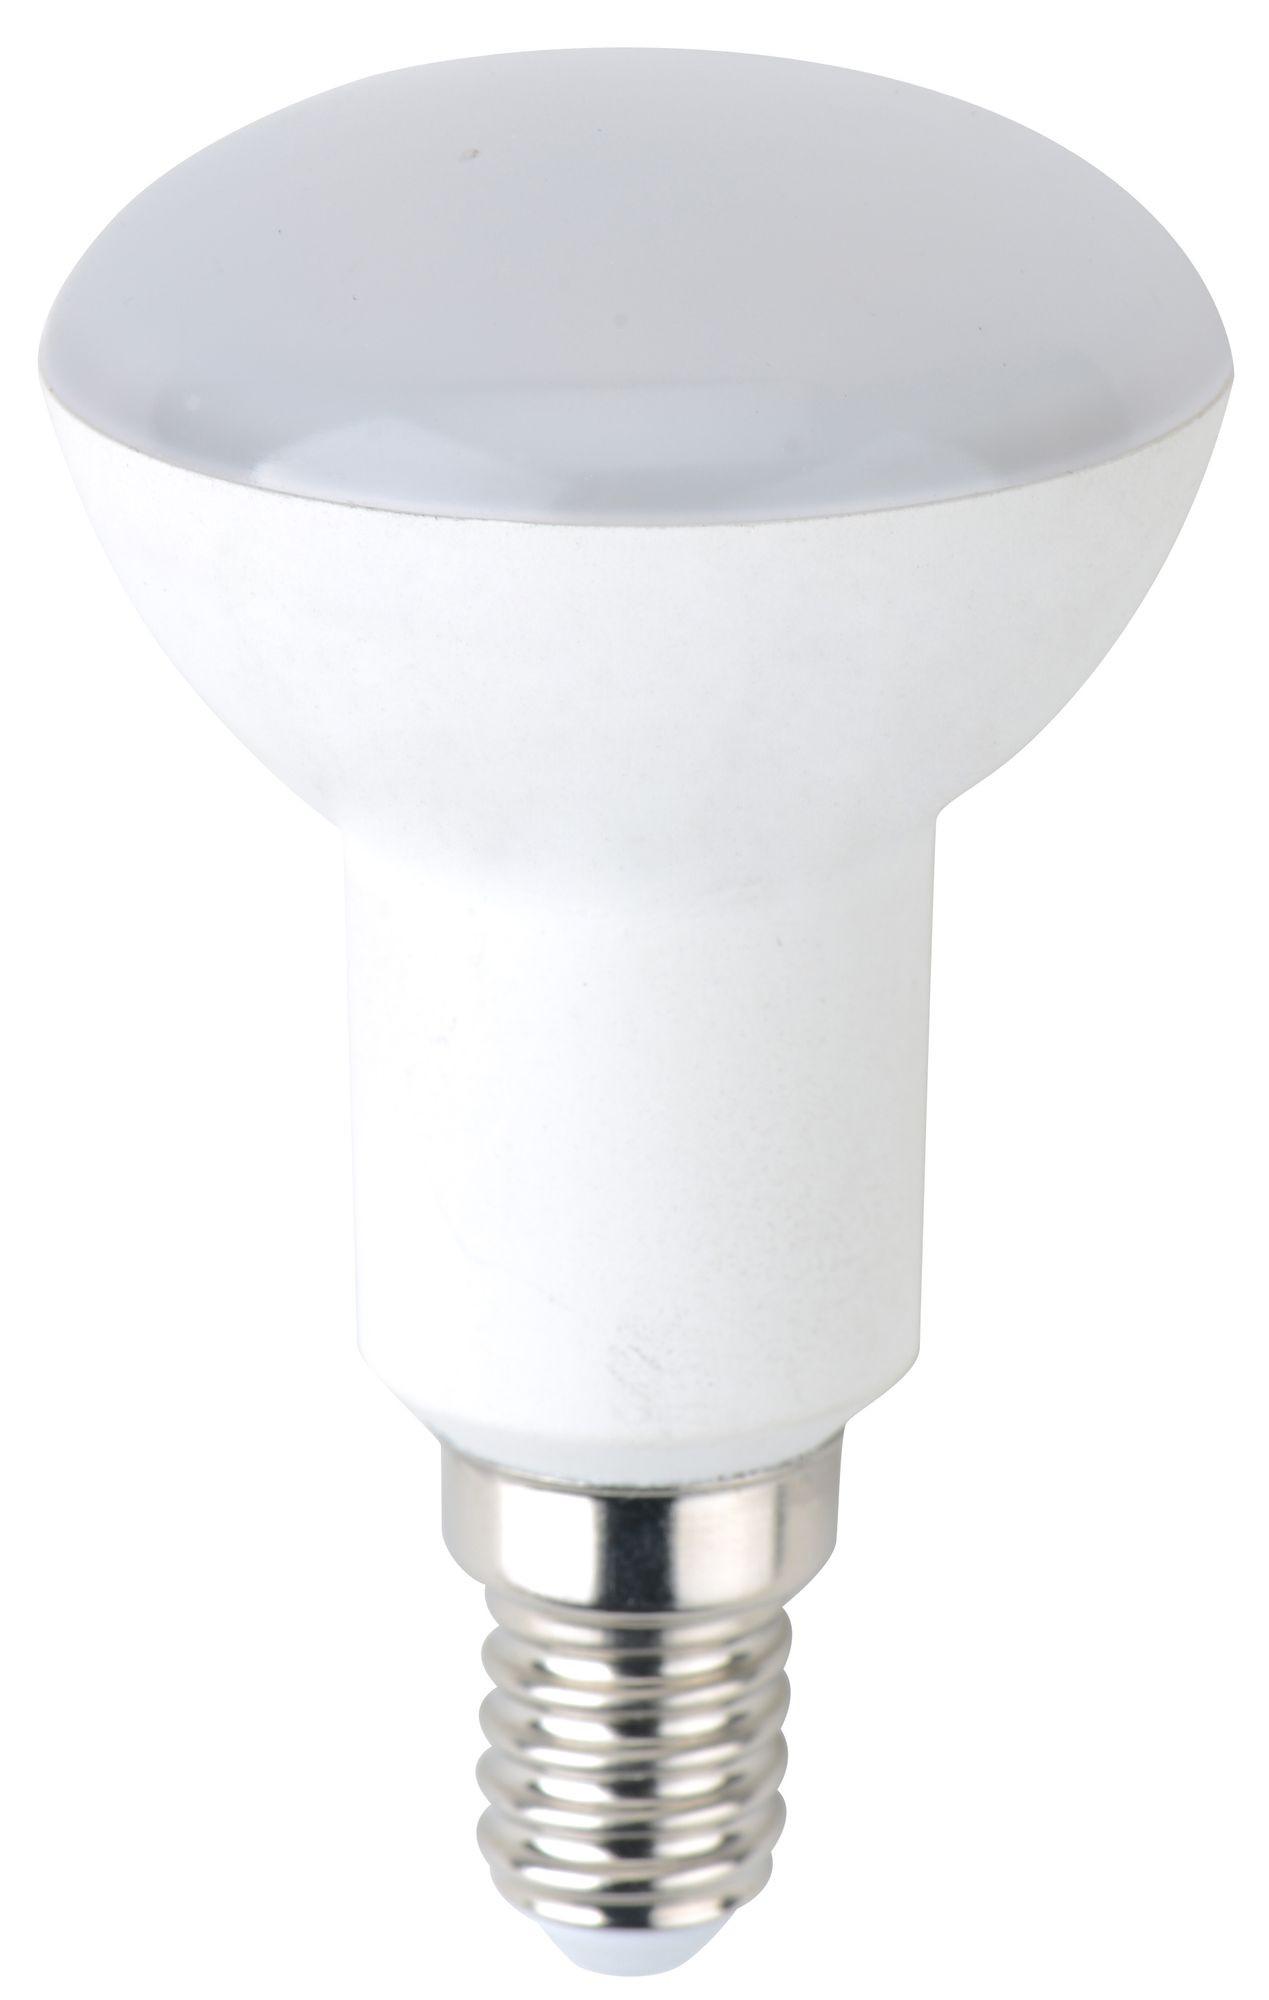 Led Lampen E14  LED Leuchtmittel E14 5W 396lm 3000K Leuchtmittel